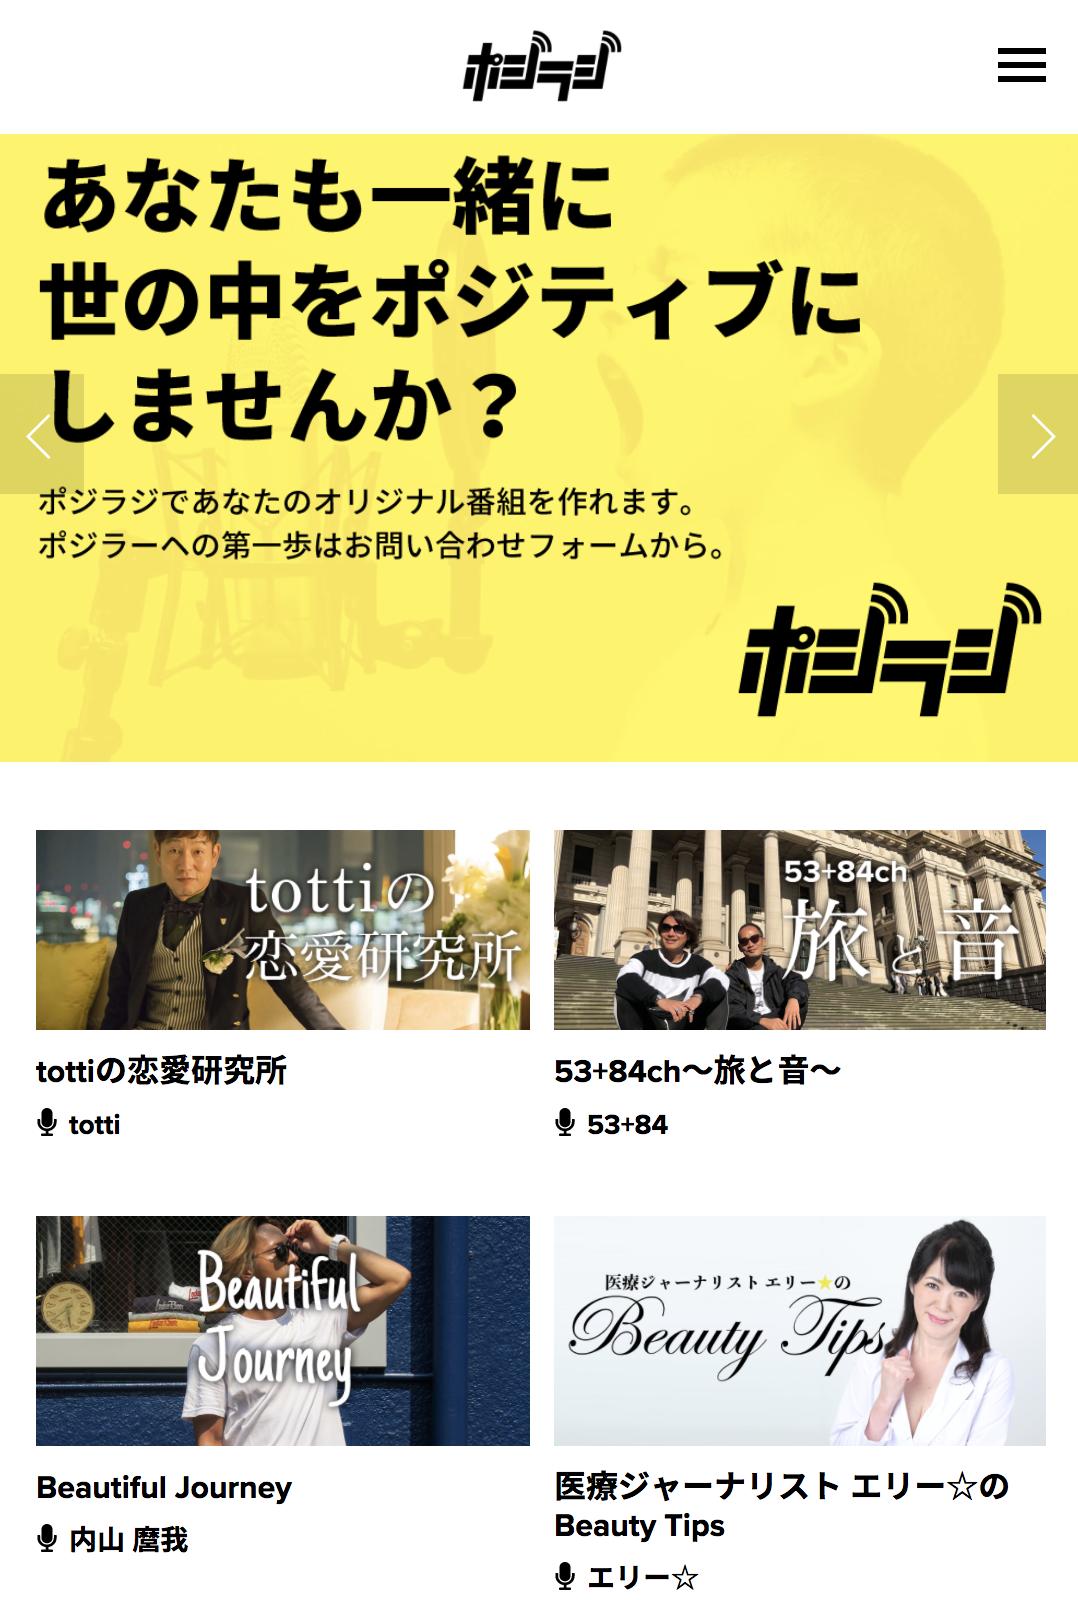 ポジラジの公式サイトのスクリーンショット